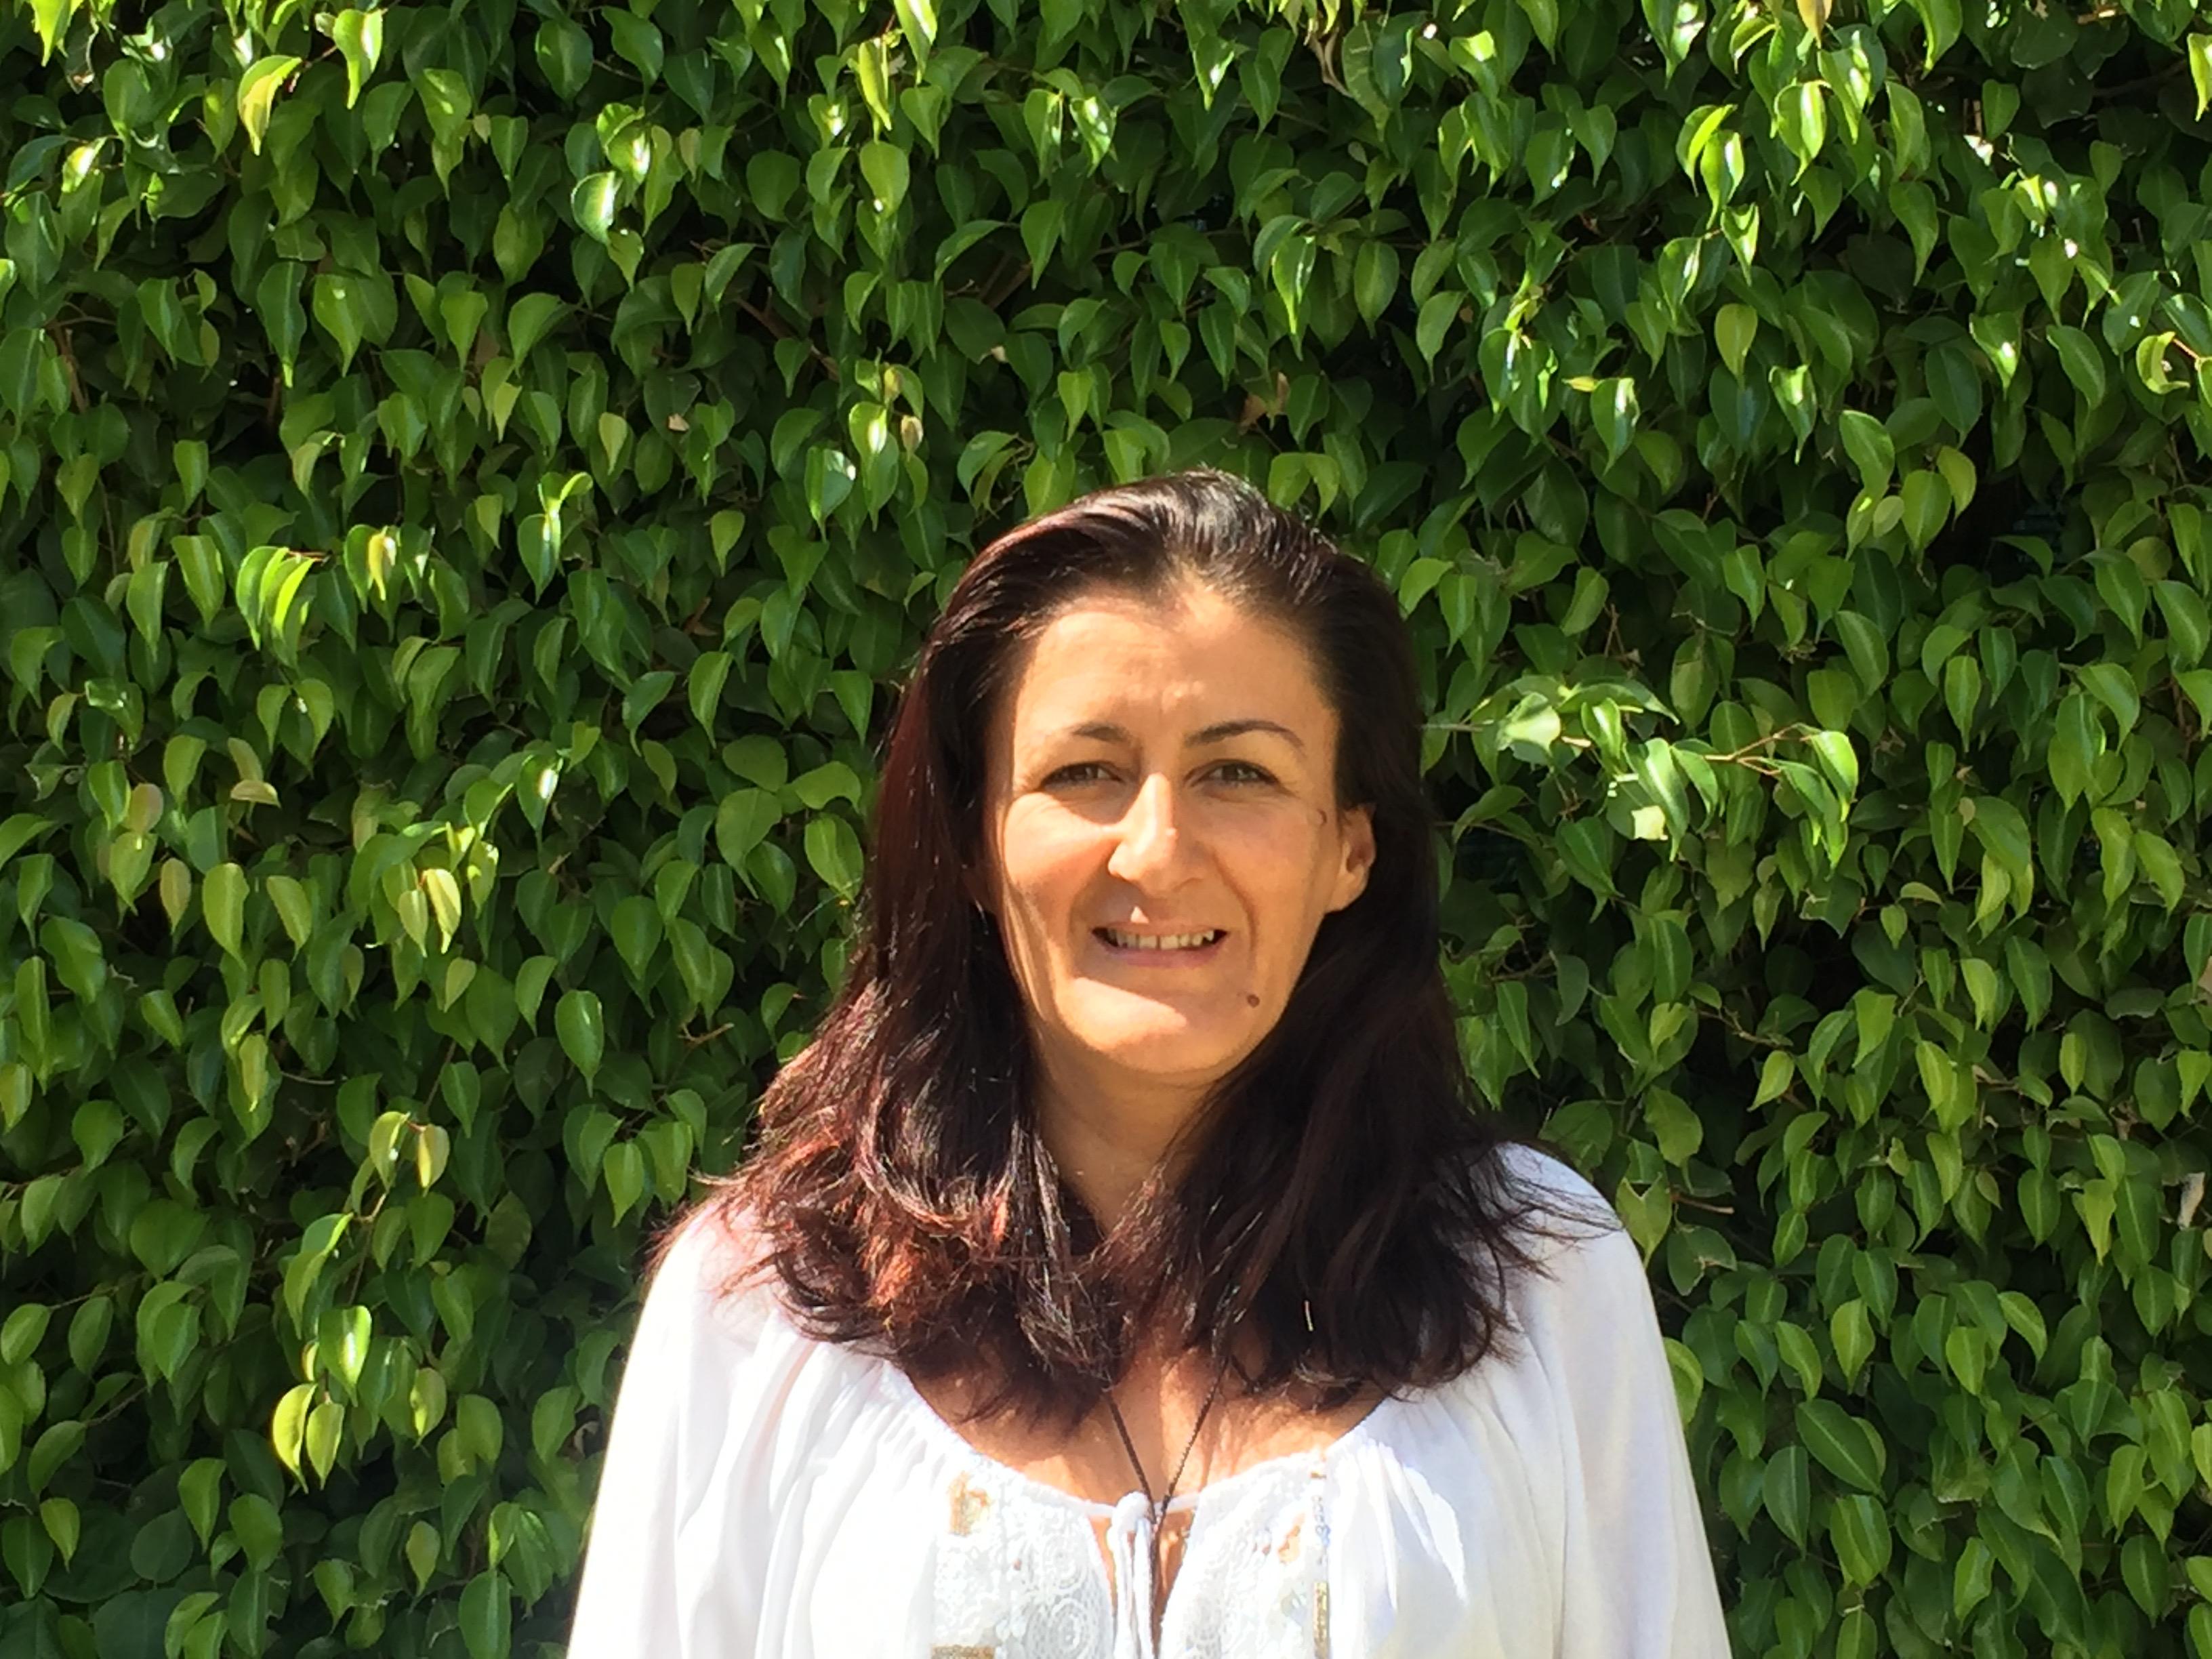 Anabela Lopes